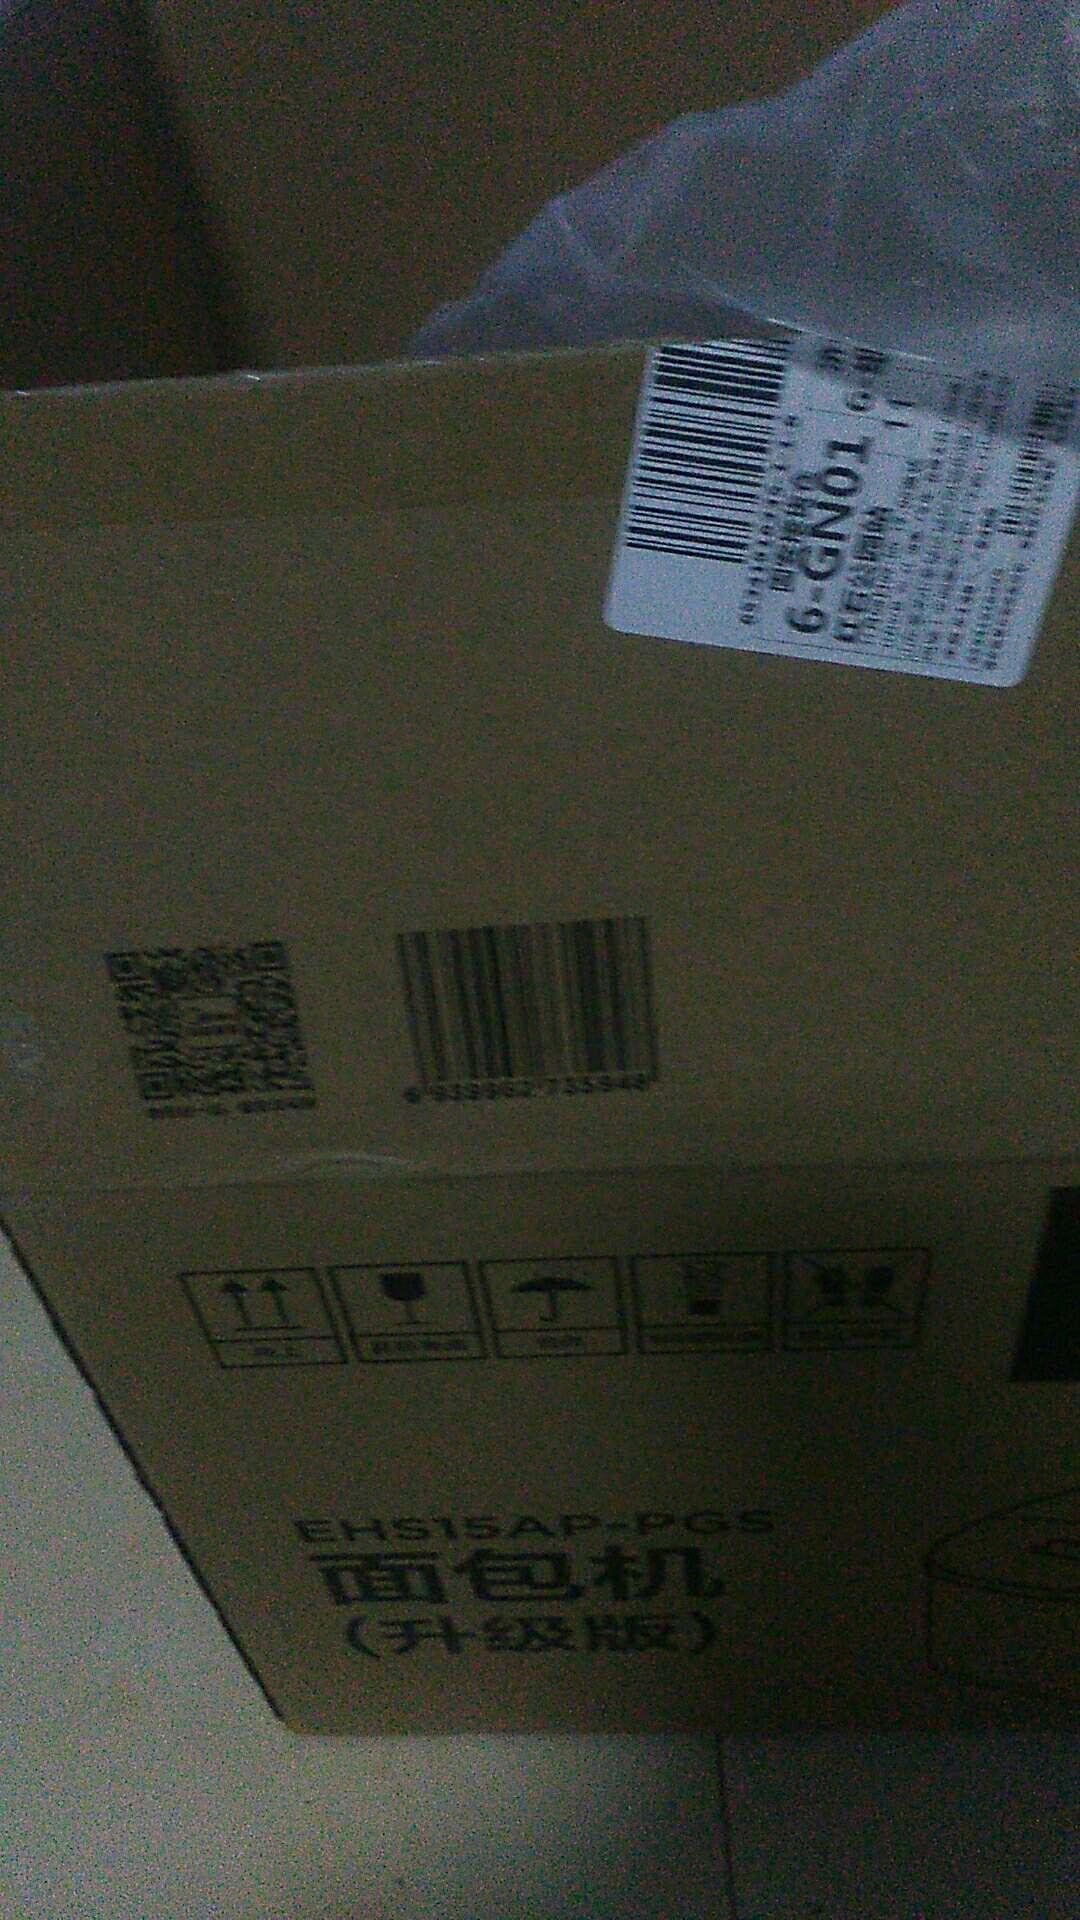 woodland shoes polish flipkart 00273149 real